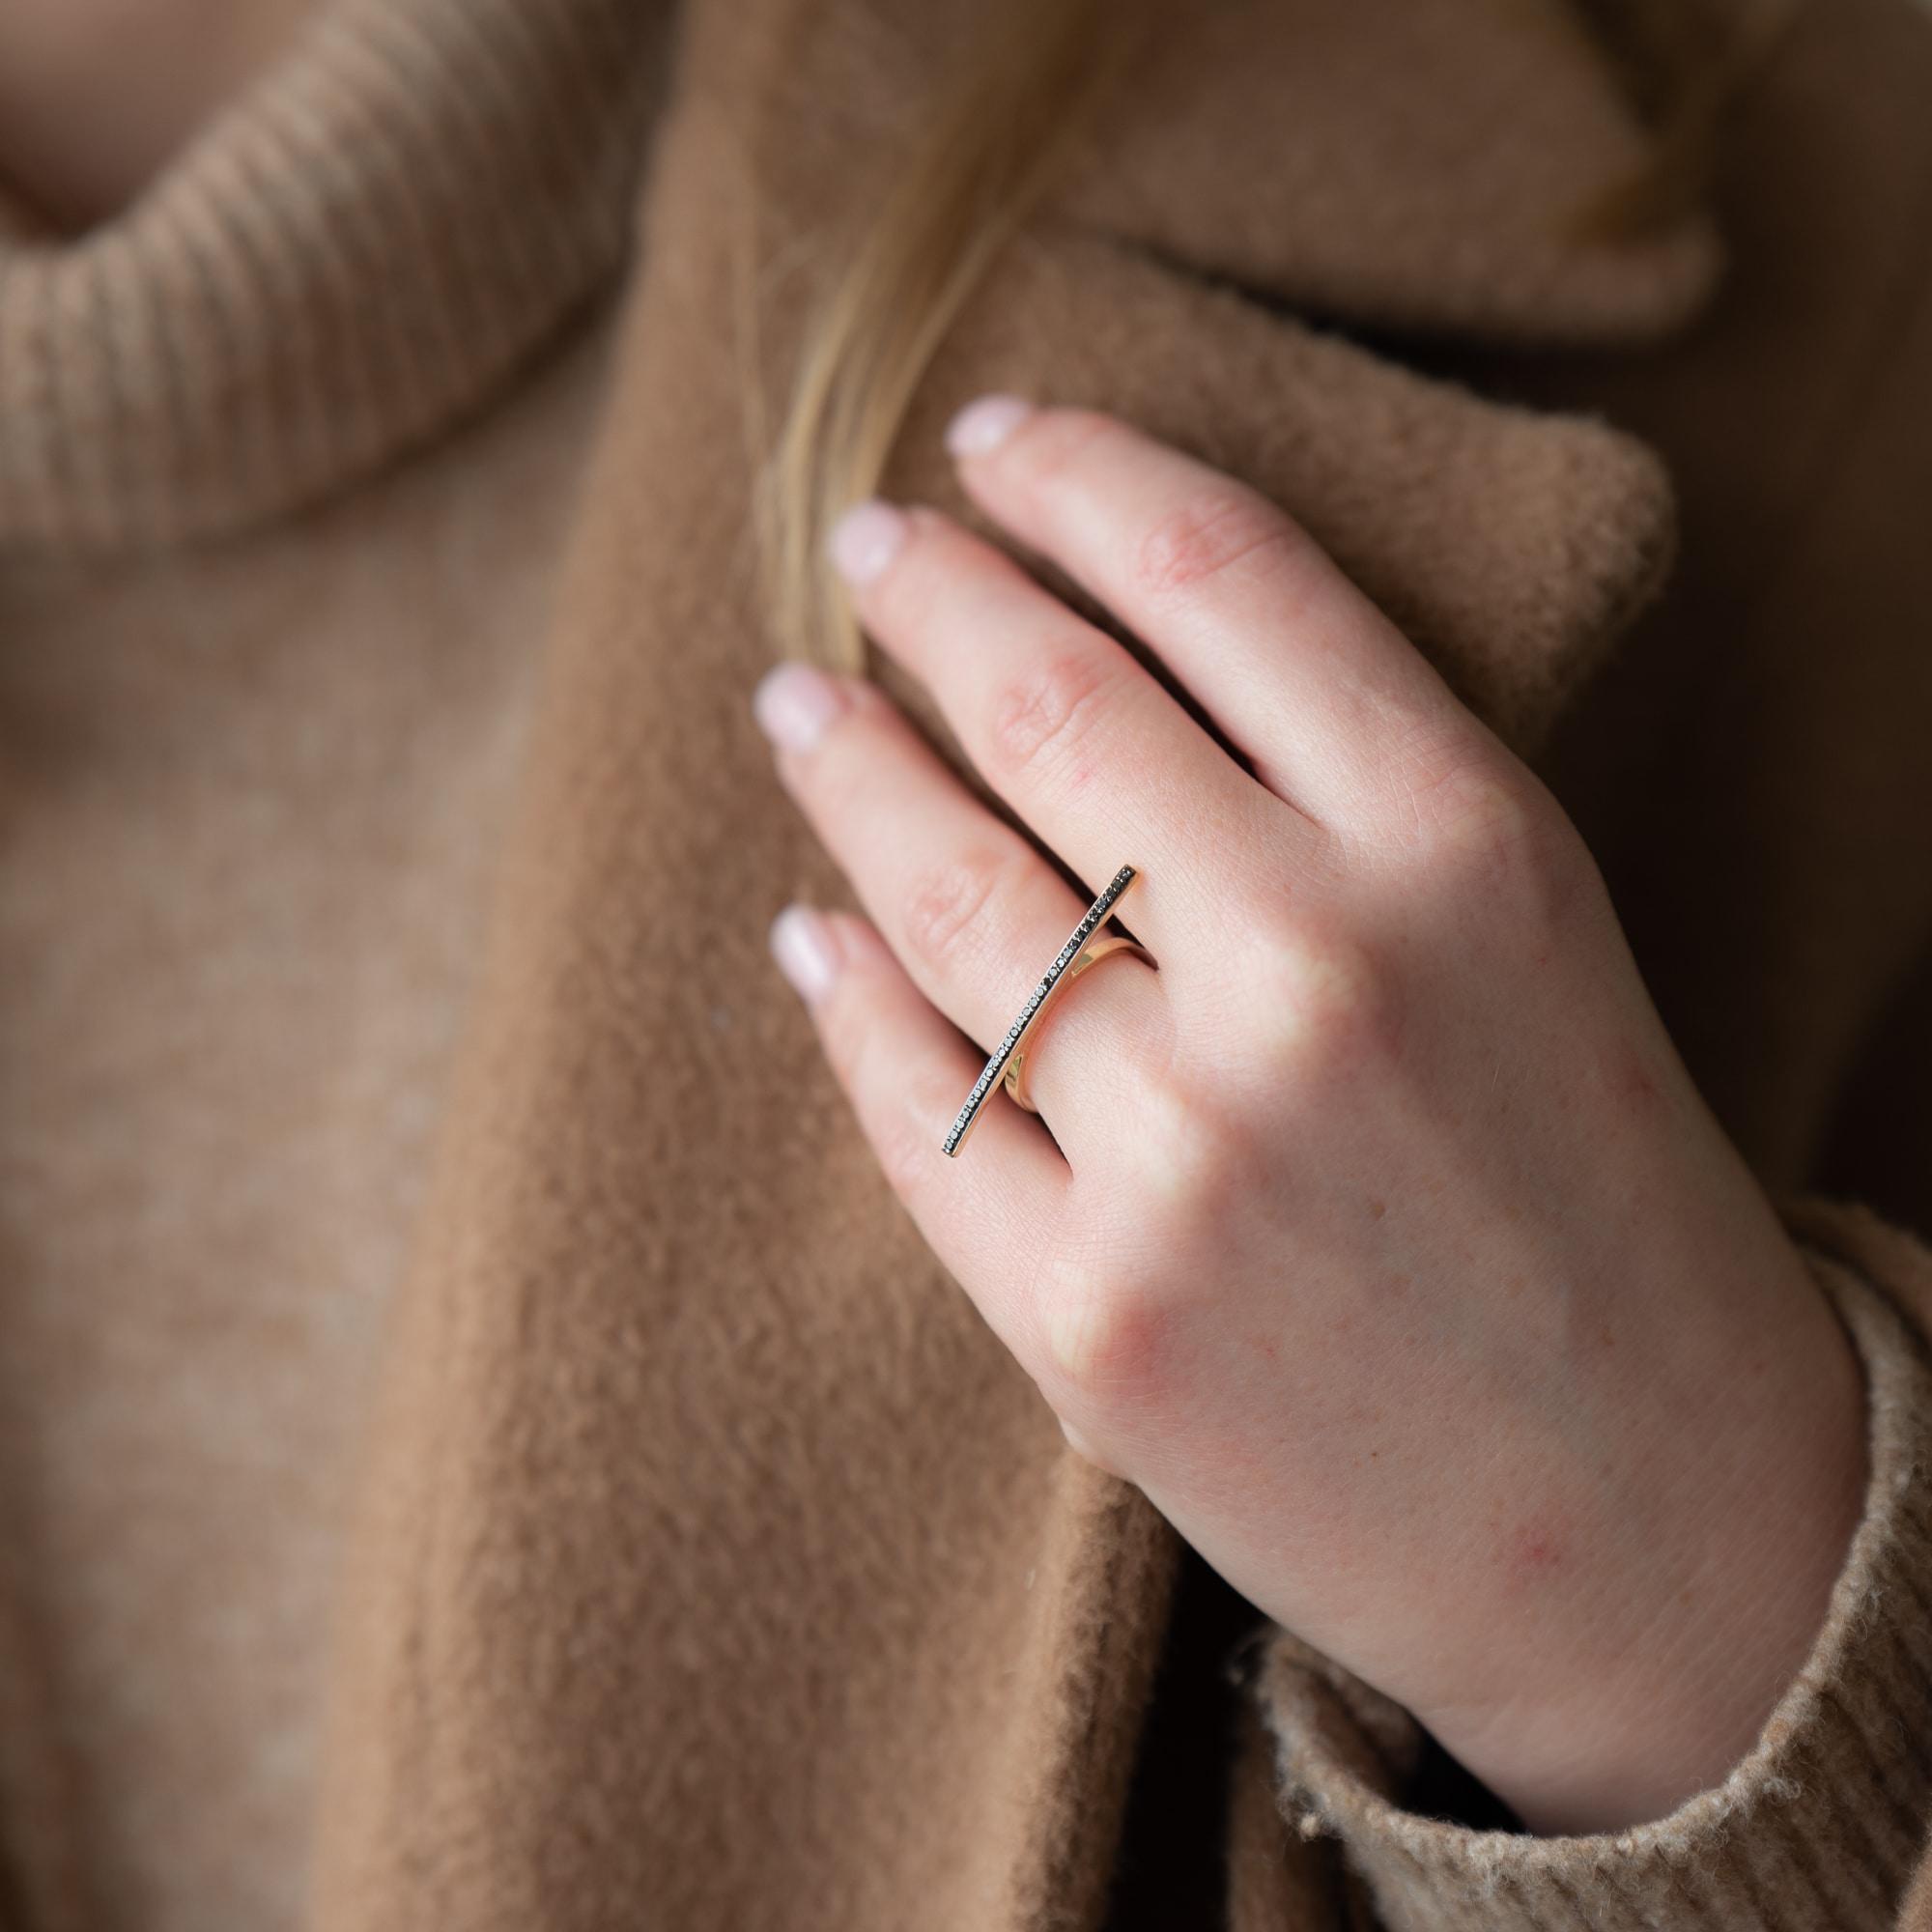 טבעת פס יהלומים שחורים